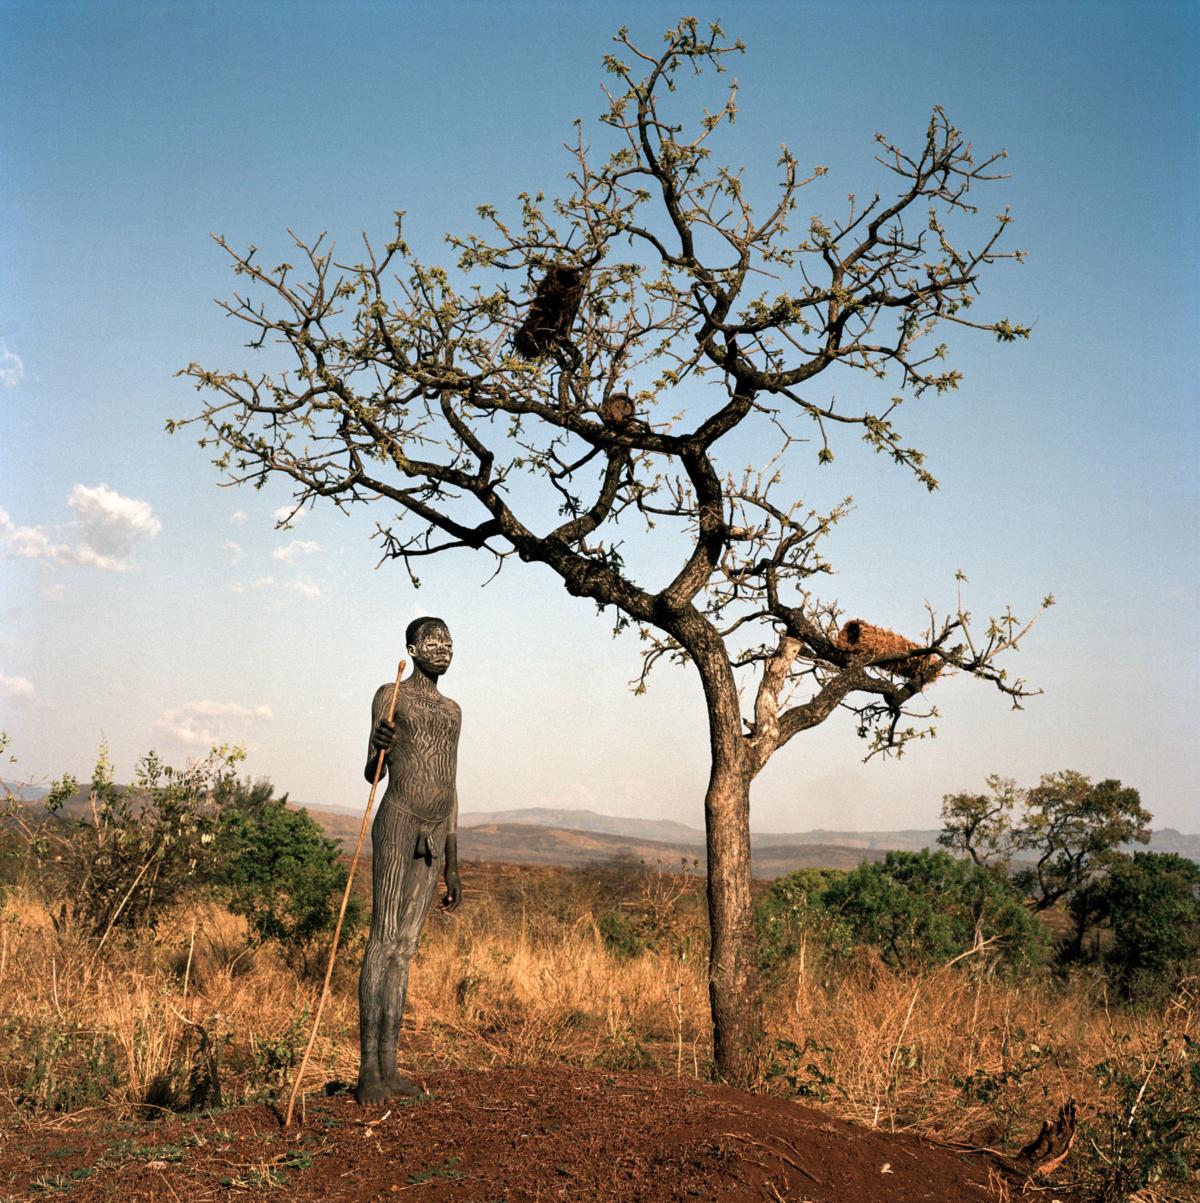 Surmas #15, Ethiopie, 2011 Photographie Fine Art print sur papier Hahnemühle 100 x 100 cm, SG-SU15 ©Stephan Gladieu